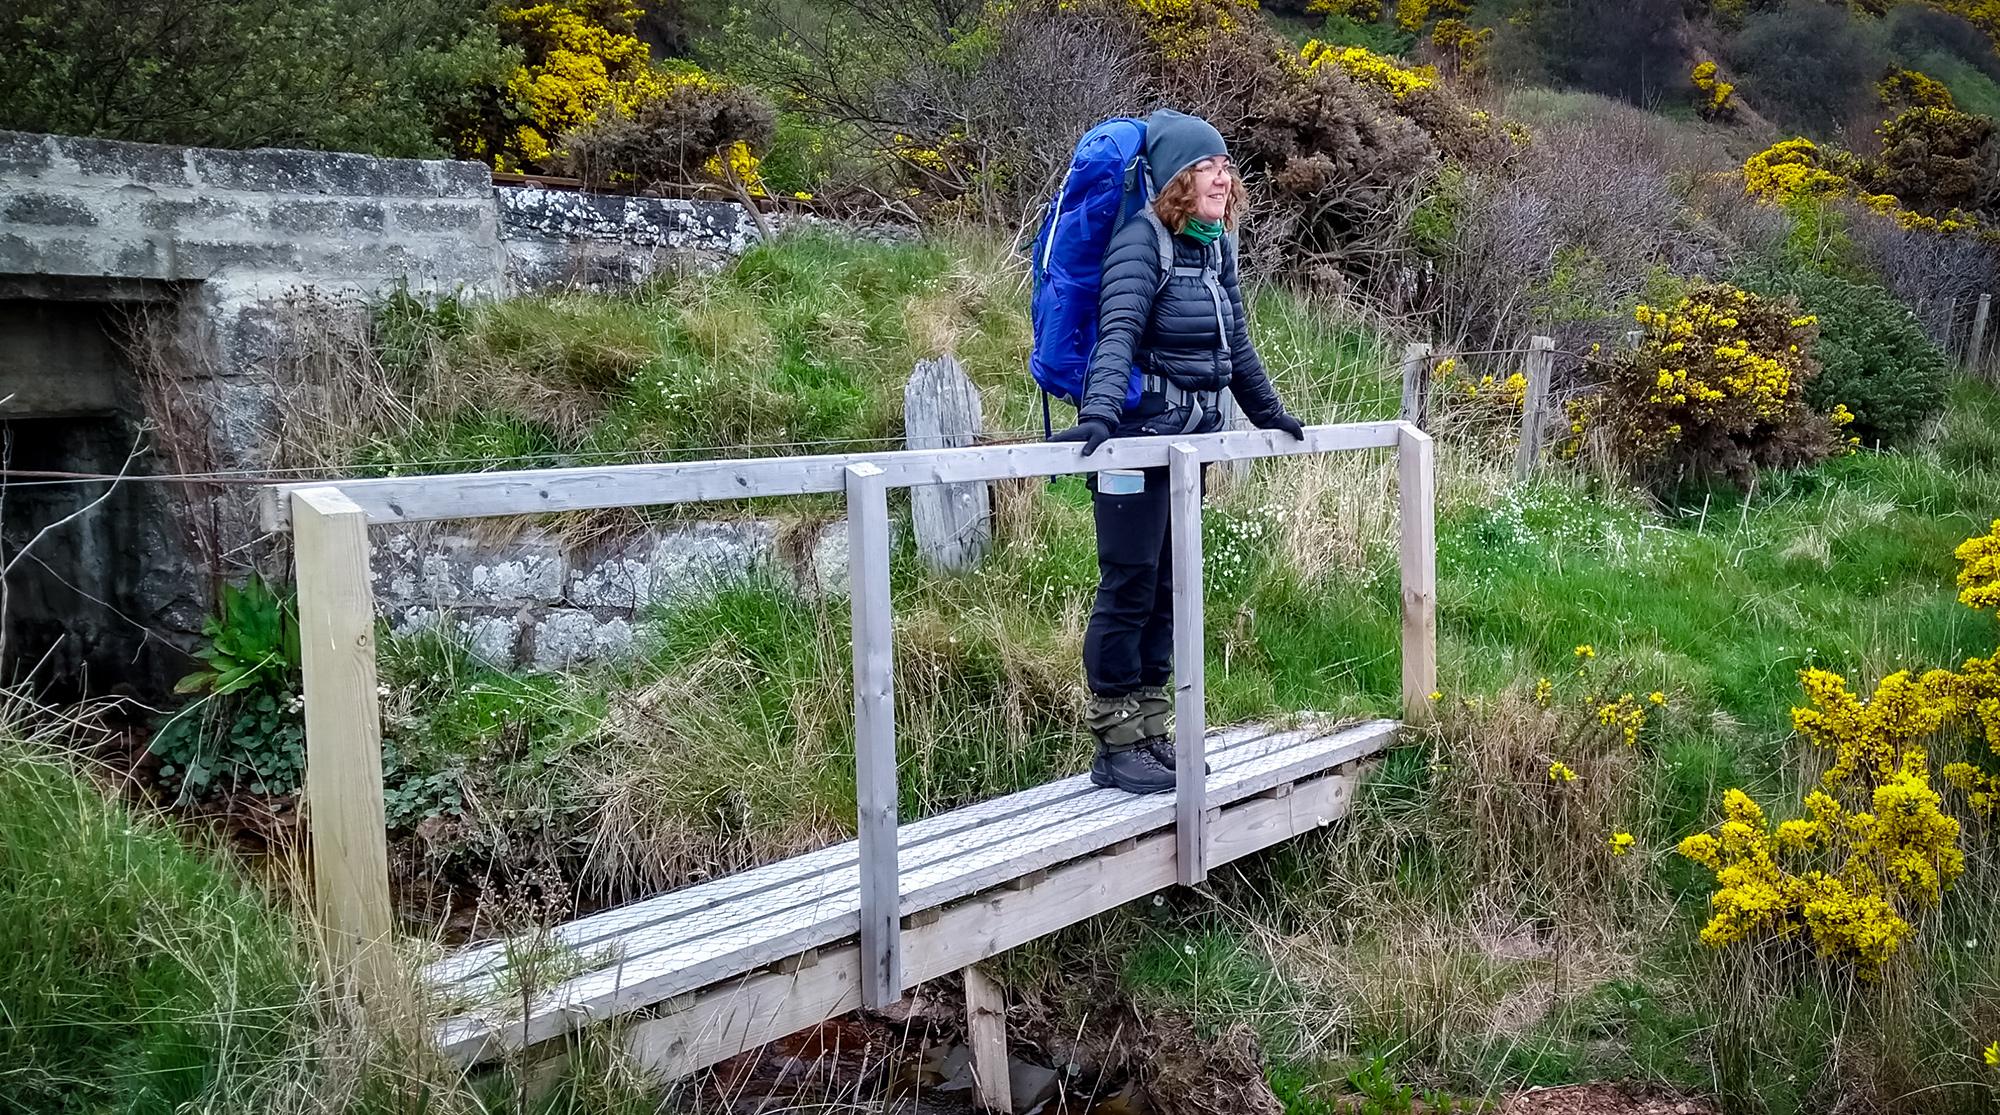 Frau auf einer Holzbrücke über einer Flussmündung